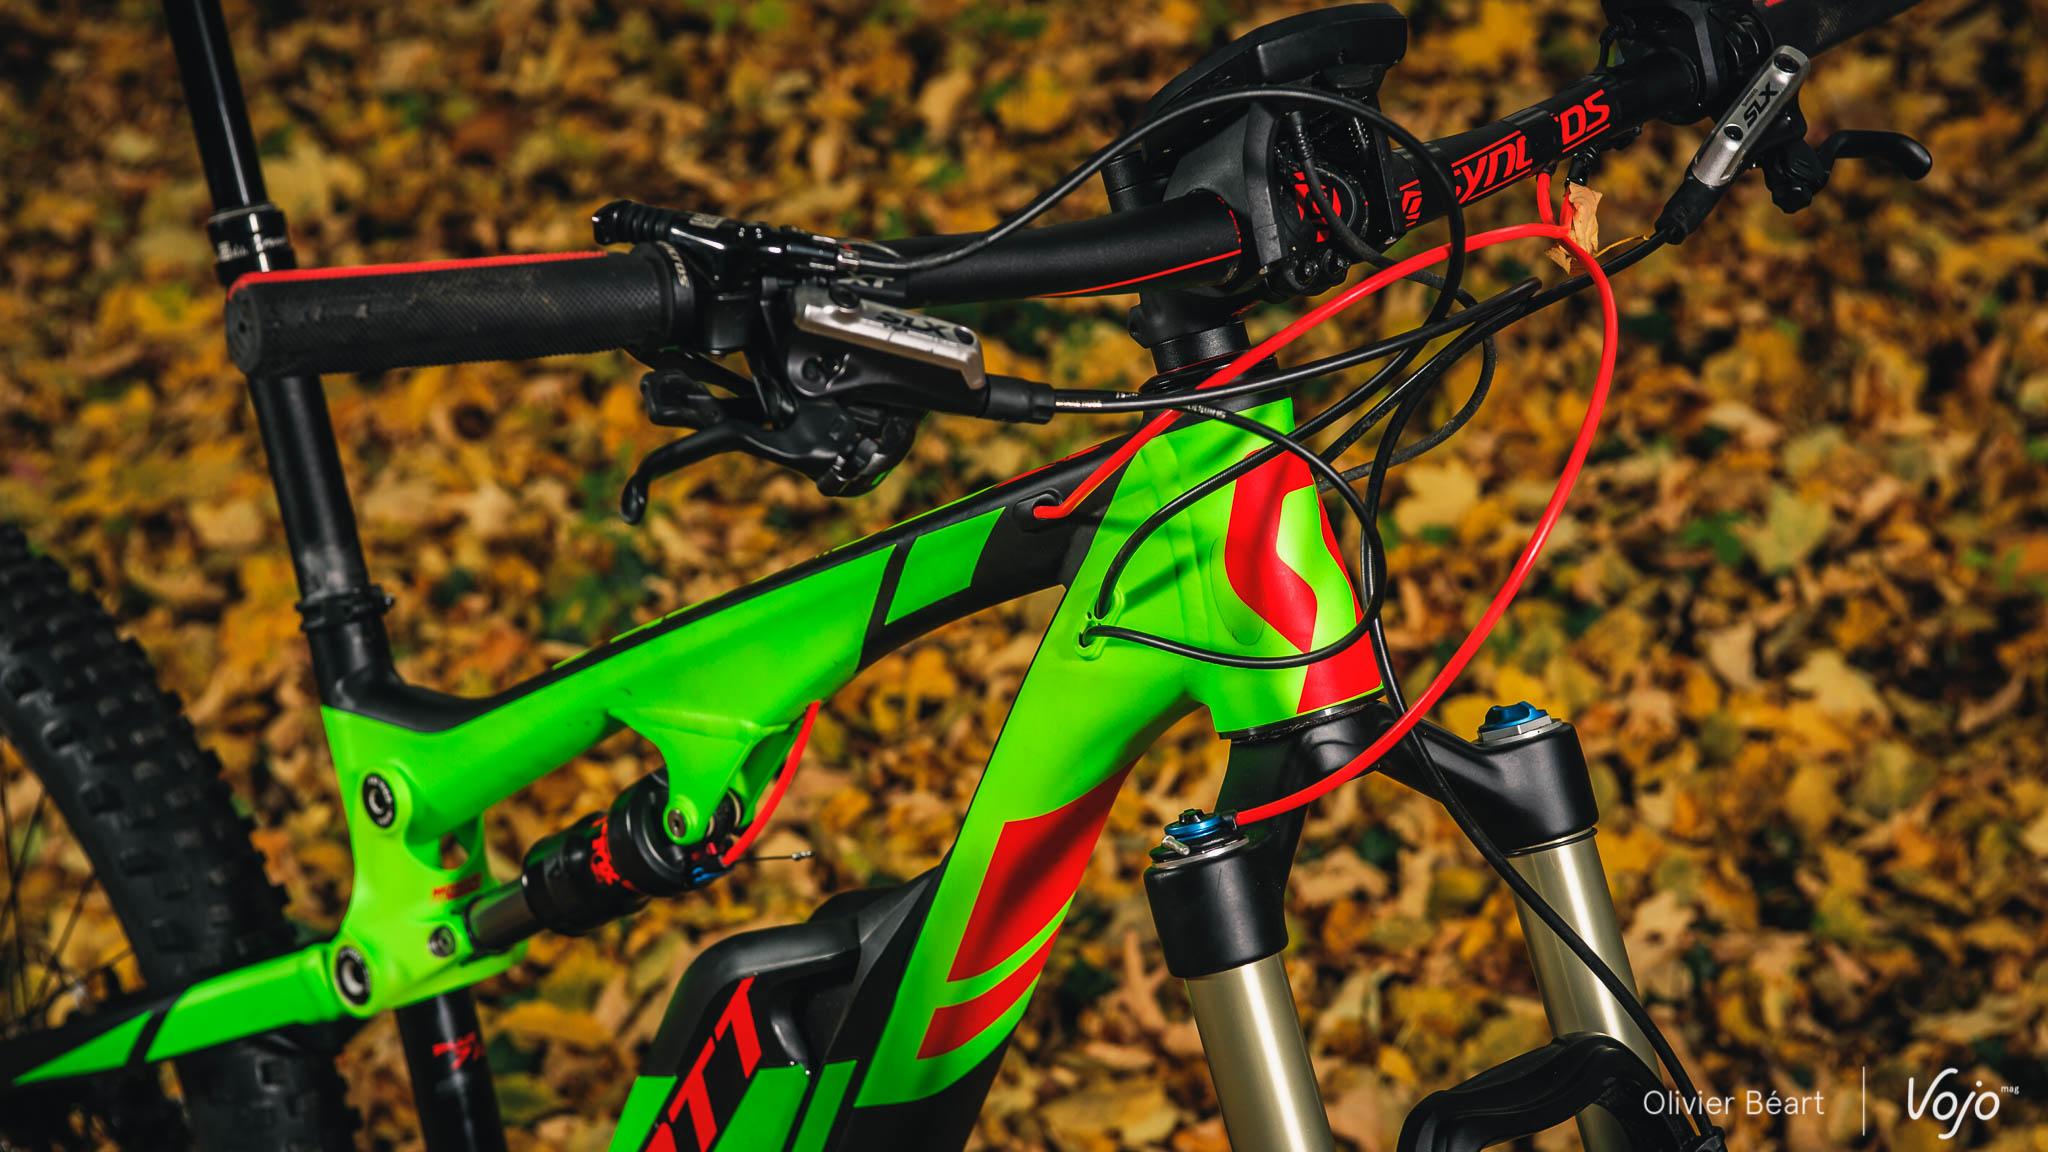 Scott_e_Genius_Test_b_Bicycle_VojoMag-1